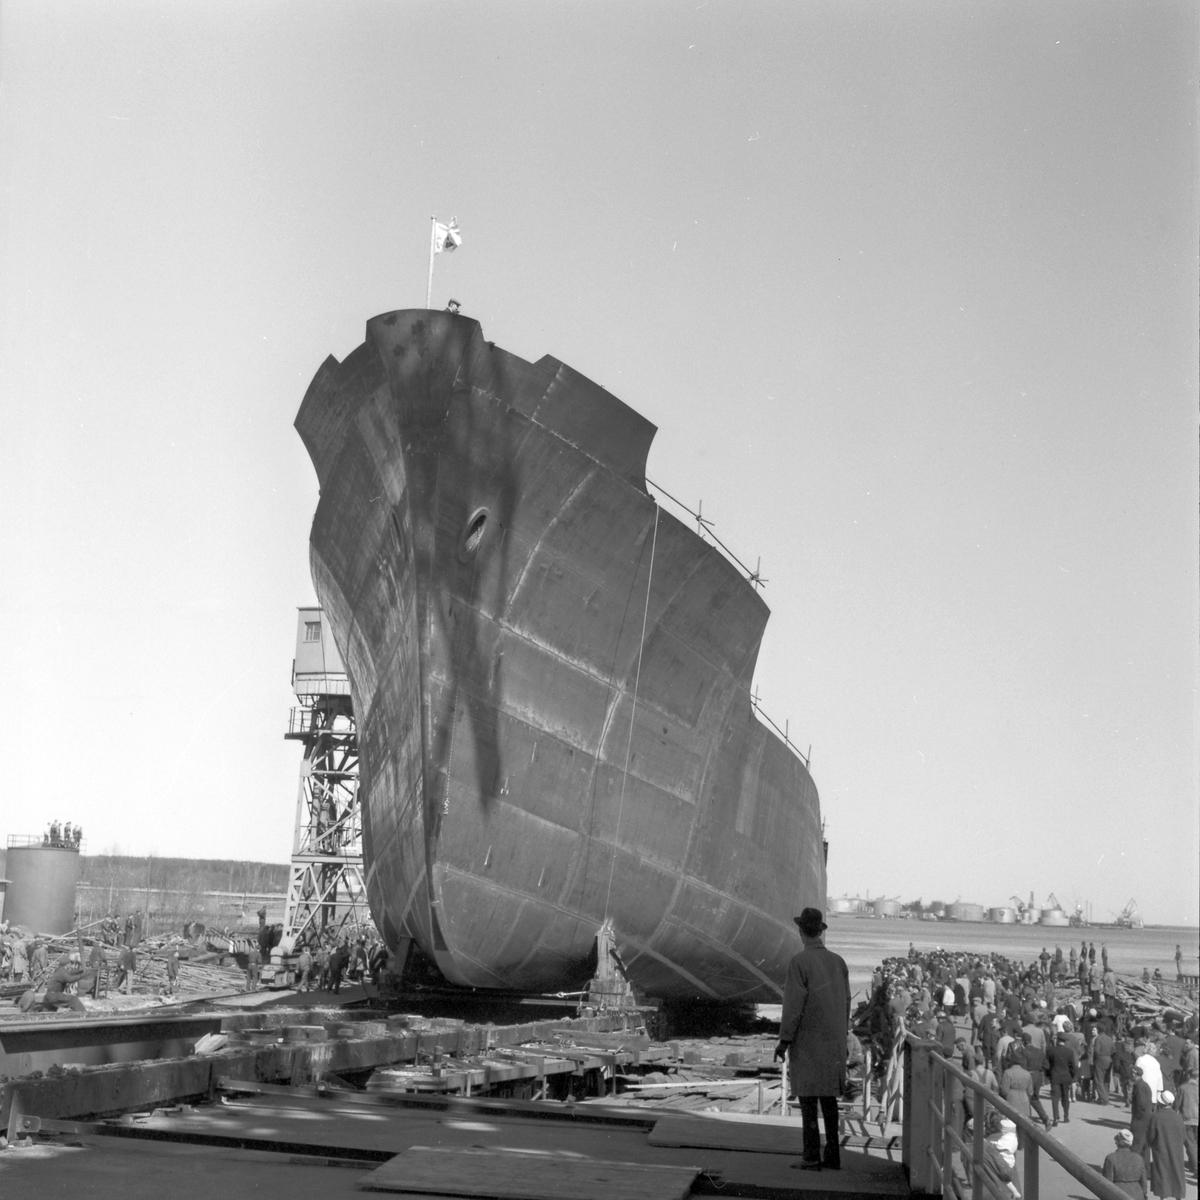 Den 18 april 1961. Gävle Varv. Stapelavlöpning av M/S 109